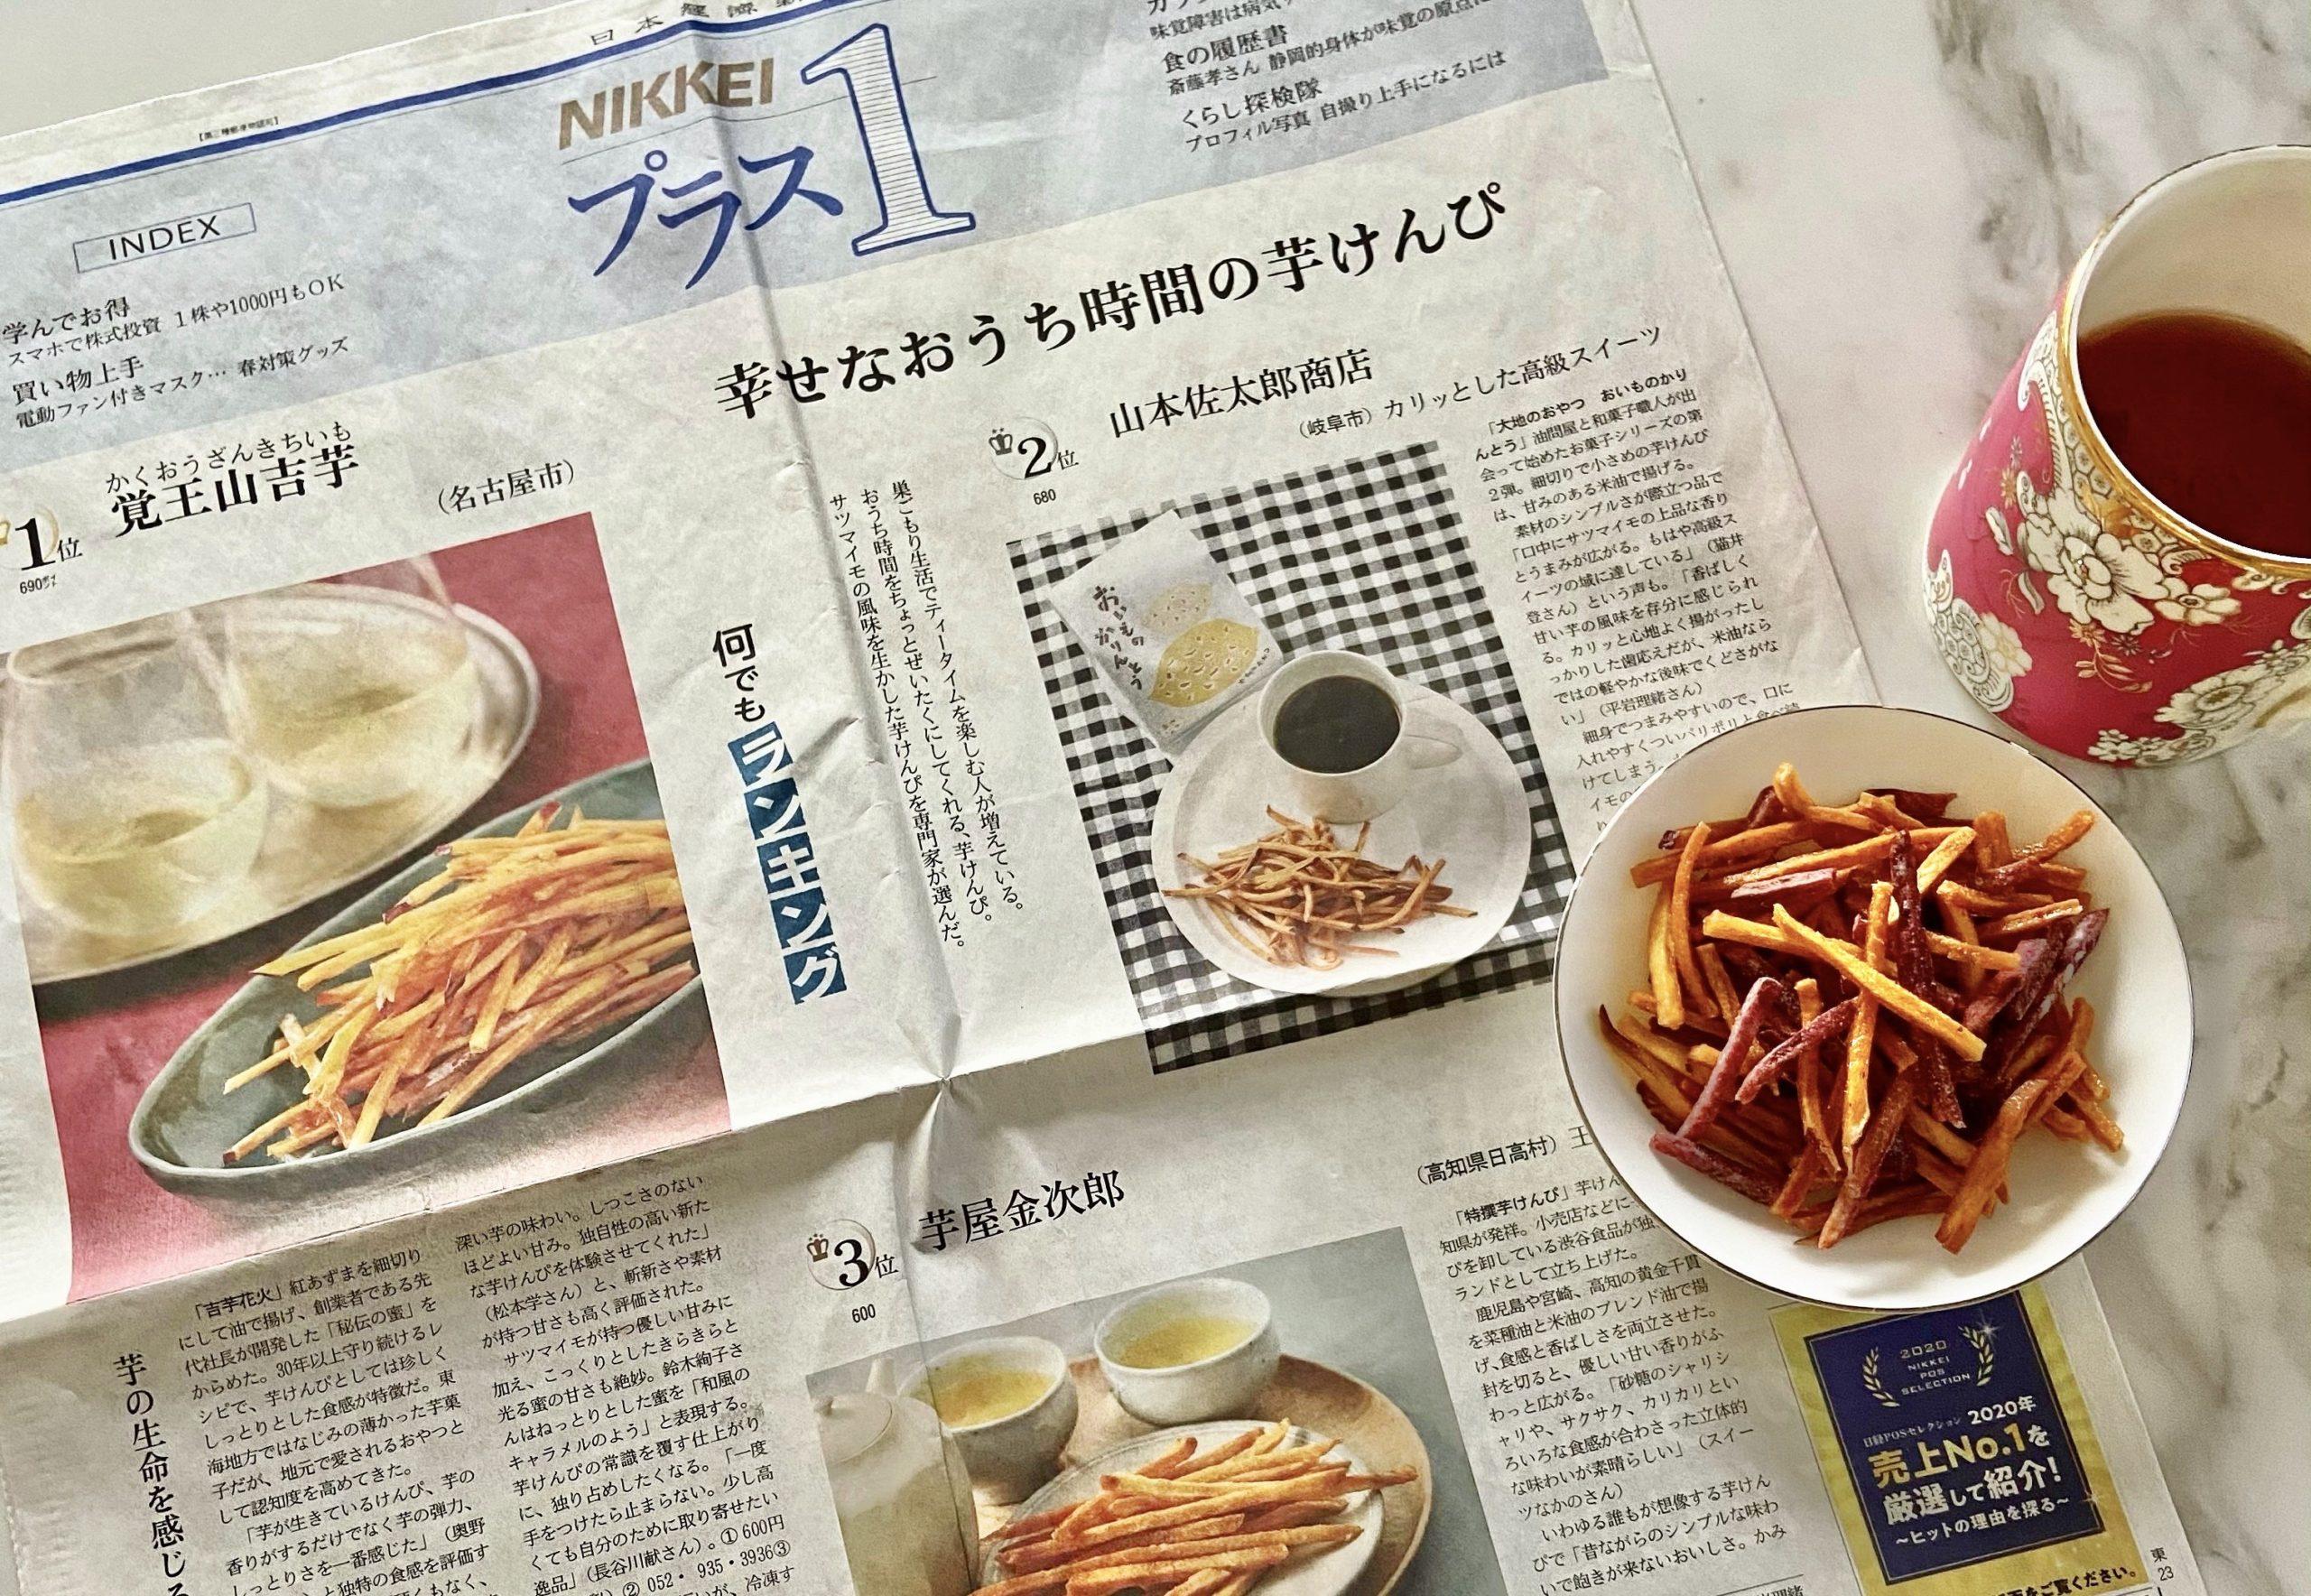 日経新聞「芋けんぴランキング」